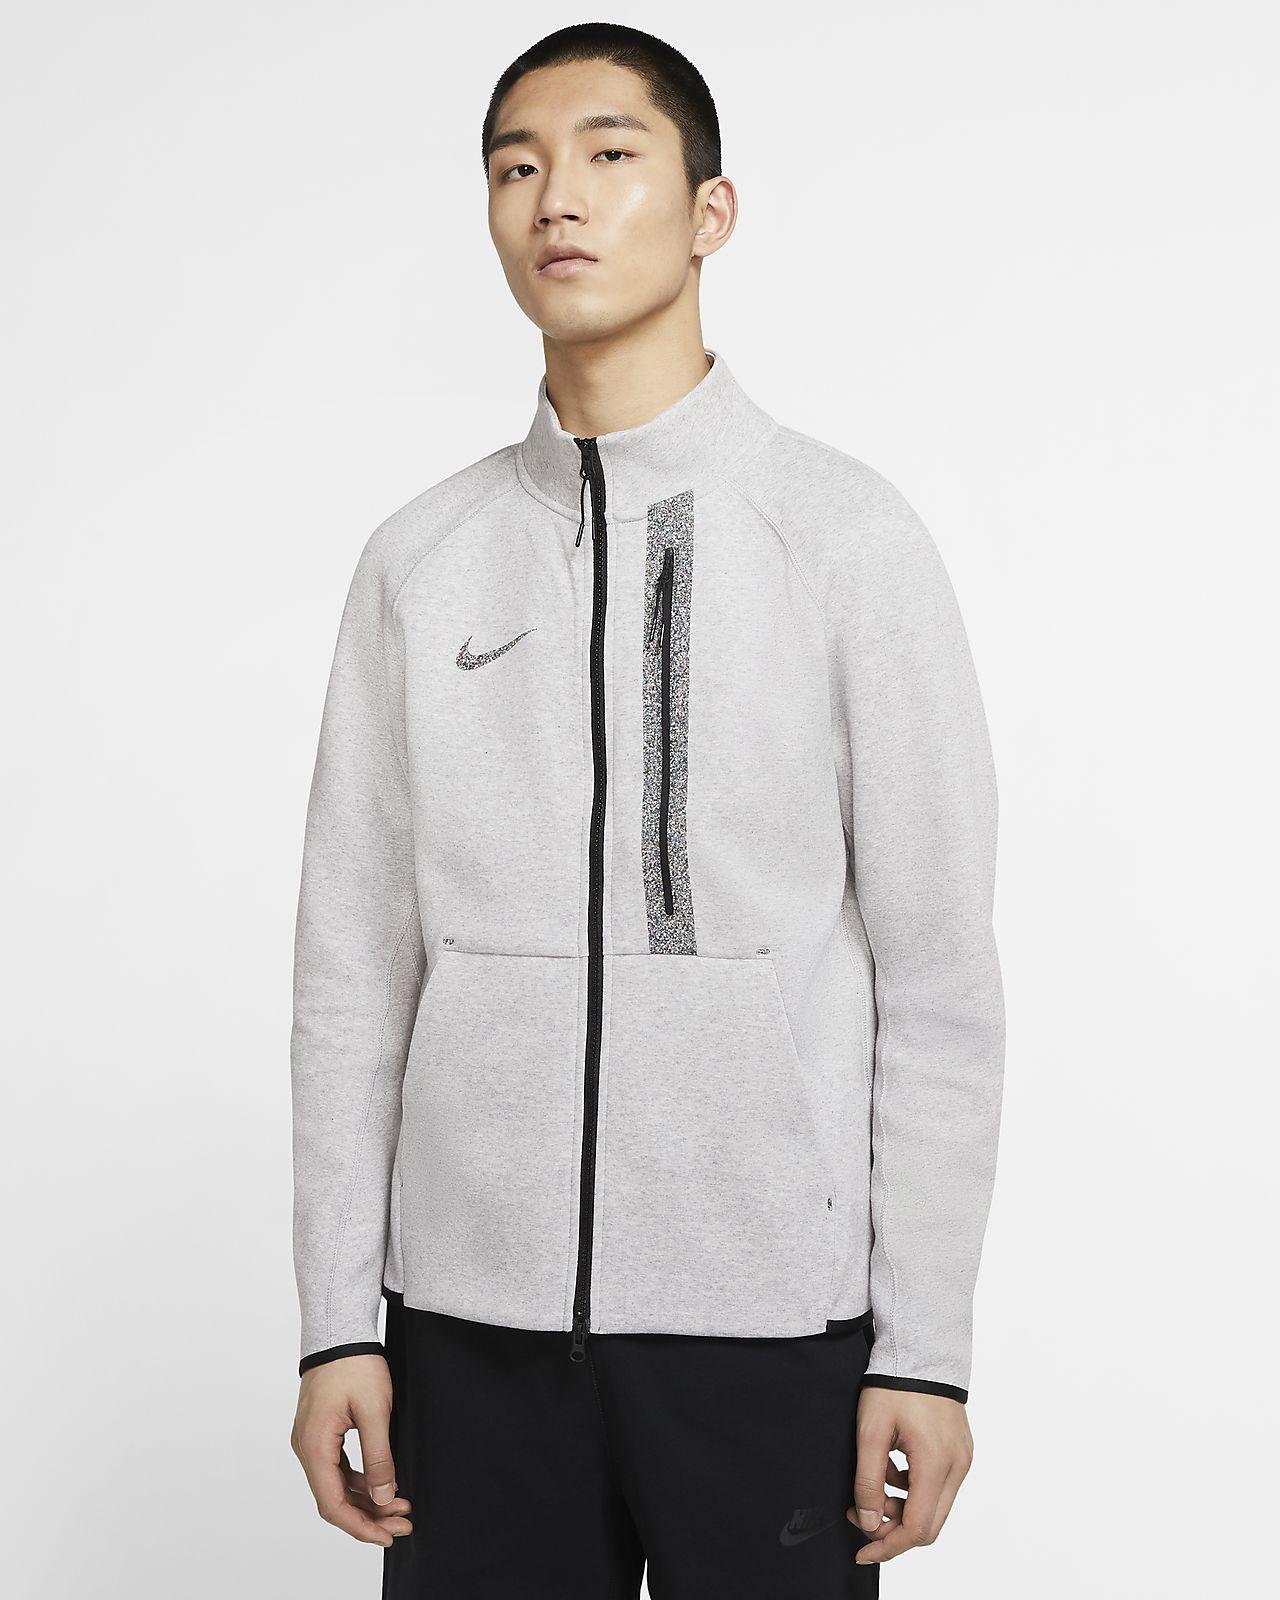 เสื้อแจ็คเก็ตผู้ชาย Nike 50 Tech Fleece